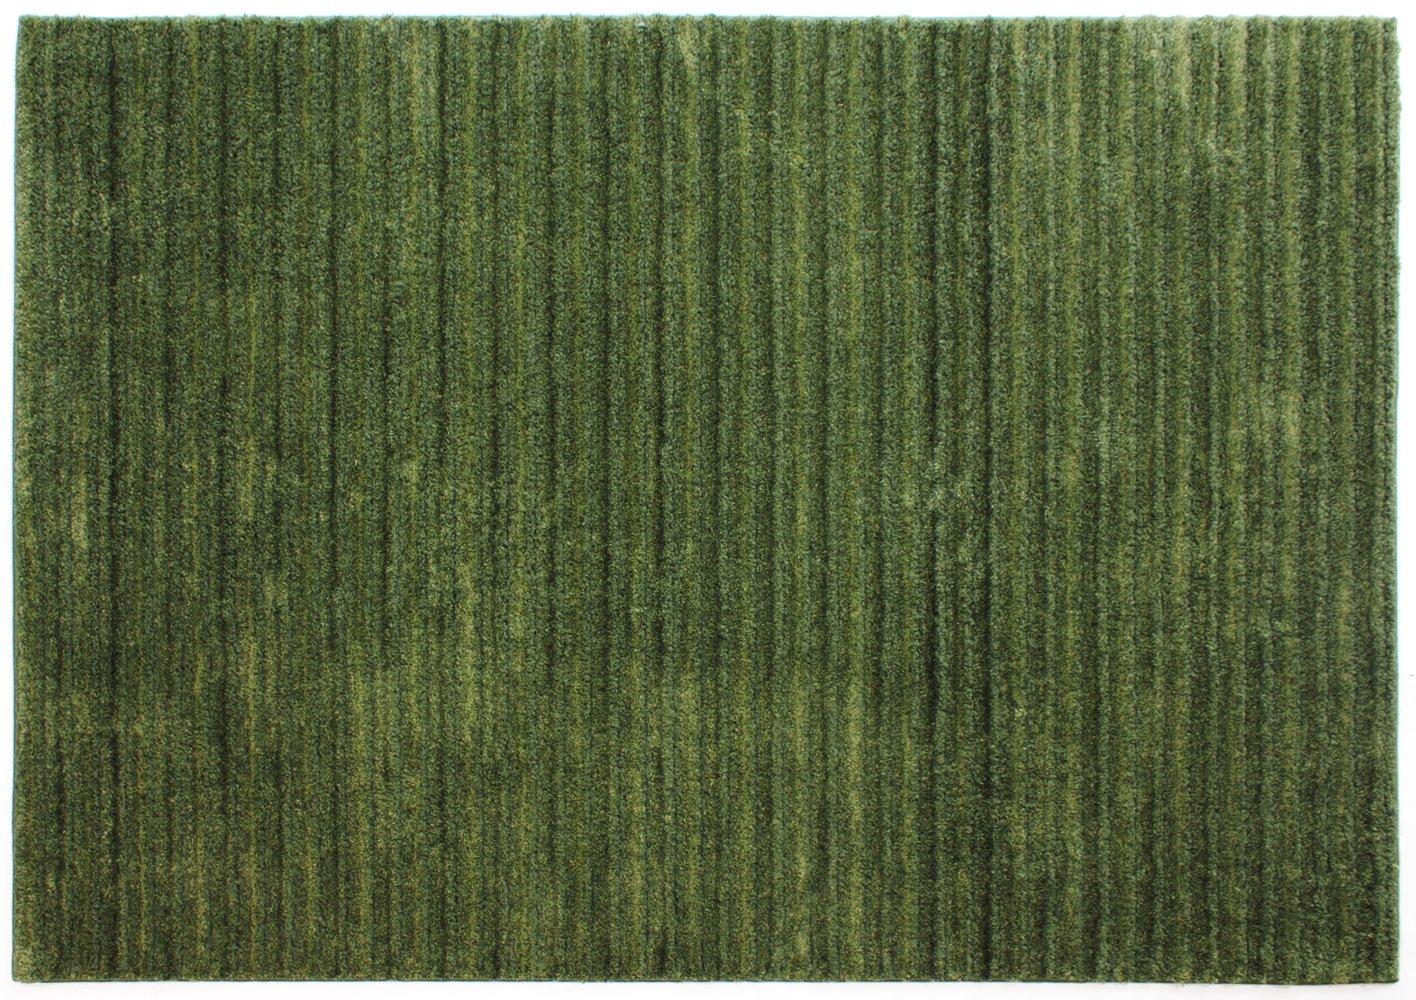 スミノエ ウォームエコ ラグ リブ 200×250cm グリーン 13381610 B012N19Q2Q グリーン